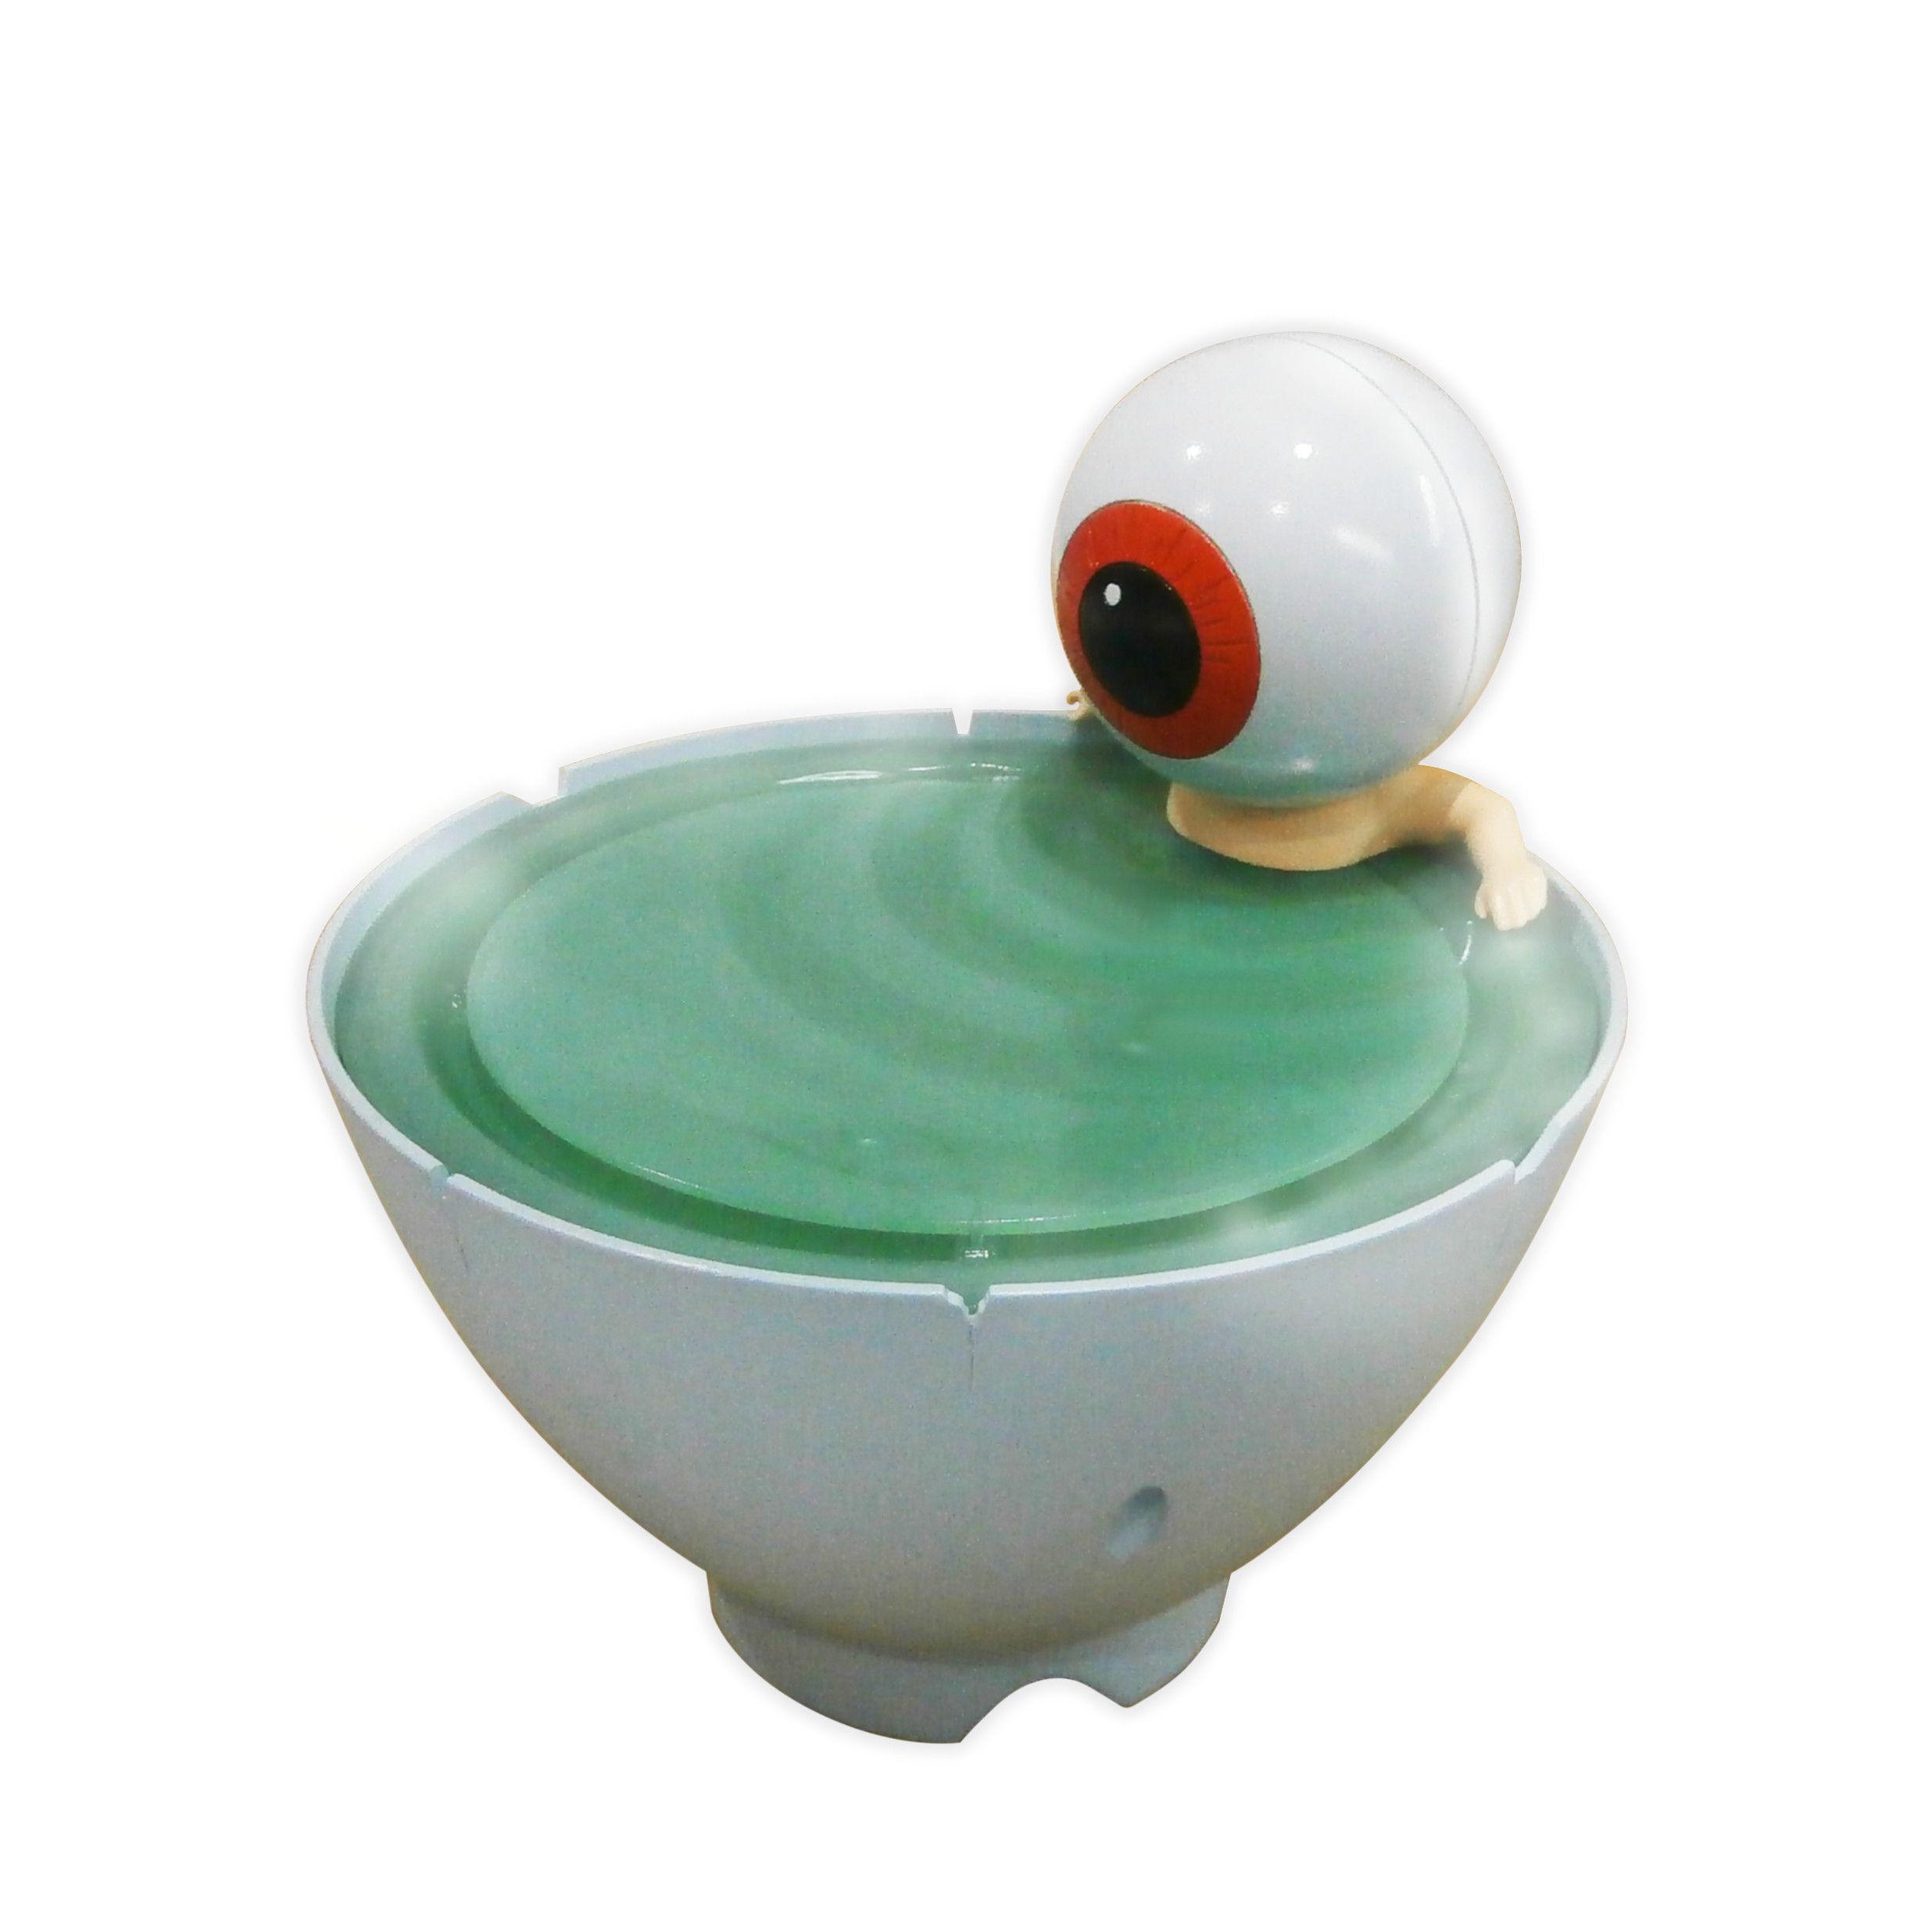 「ゲゲゲの鬼太郎 目玉おやじ 茶碗風呂加湿器」